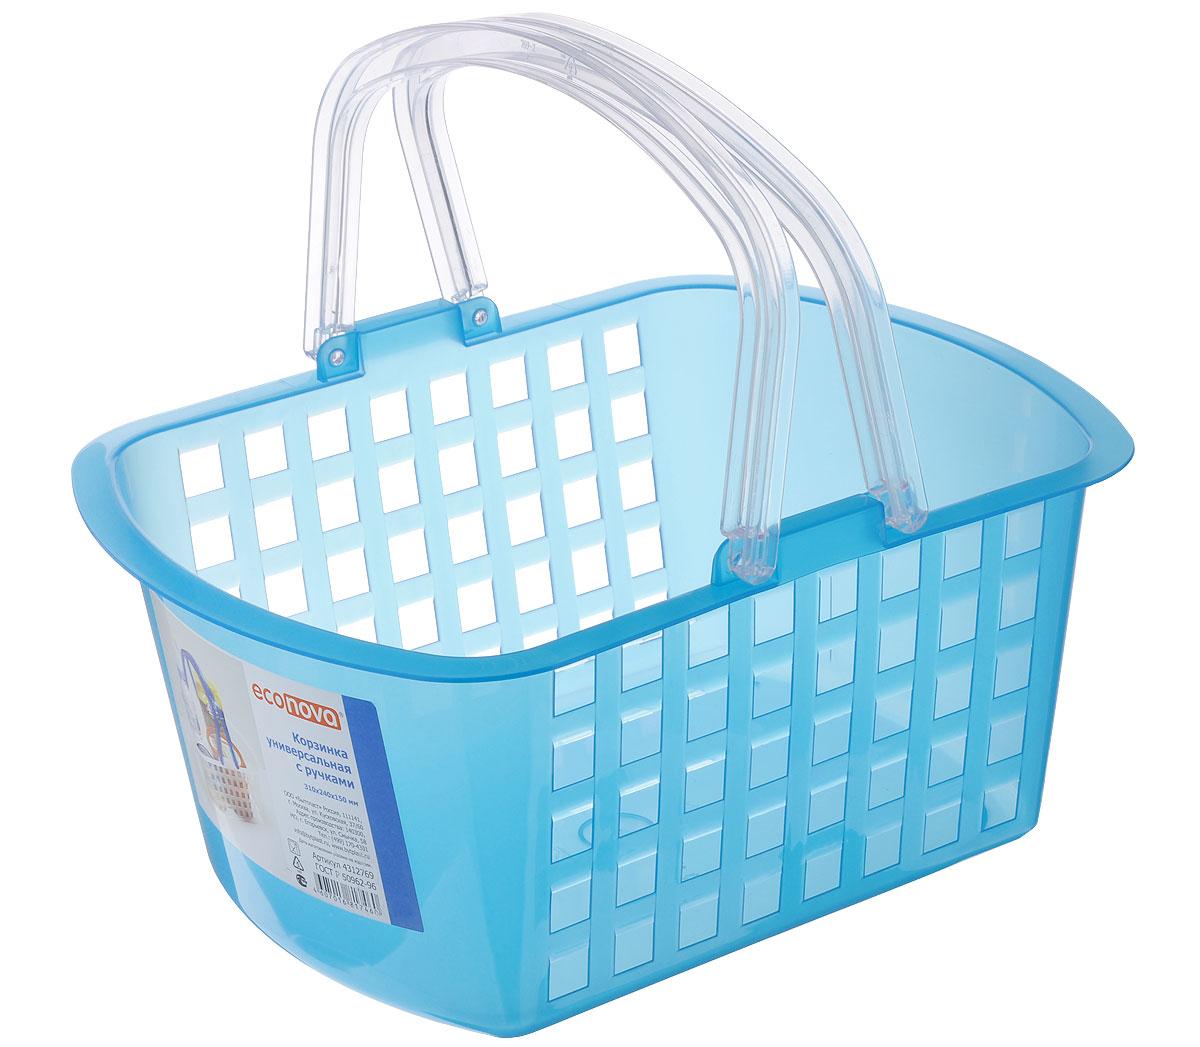 Корзинка универсальная Econova, цвет: голубой, 31 х 24 х 15 см193415_голубойУниверсальная корзина Econova, изготовленная из высококачественного прочного пластика, предназначена для хранения мелочей в ванной, на кухне, даче или гараже. Изделие оснащено двумя удобными складными ручками. Это легкая корзина со сплошным дном, жесткой кромкой и небольшими отверстиями позволяет хранить мелкие вещи, исключая возможность их потери.